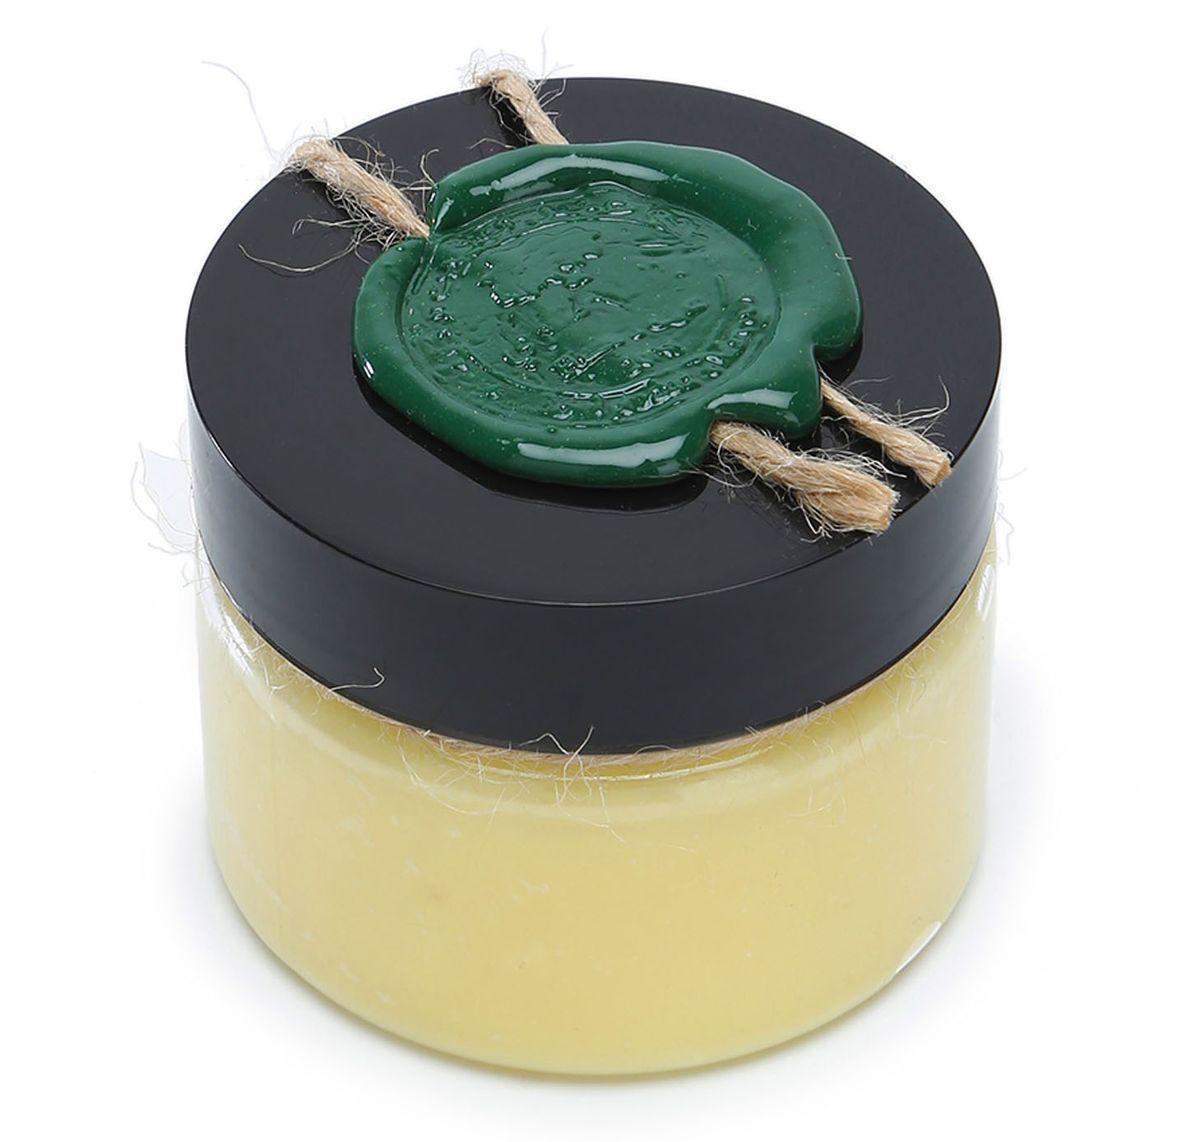 Huilargan Карите (Ши) масло, 100% органическое, 100 гFS-00897МАСЛО ШИ ДЛЯ ЛИЦАМасло ши одно из самых популярных косметических масел с широкими возможностями применения для кожи лица и тела.Оно обладает успокаивающим, смягчающим, защищающим, восстанавливающим, противовоспалительным, солнцезащитным, омолаживающим, антиоксидантным действиями. Поэтому масло ши может с успехом применяться:- при очень сухой коже- при увядающей и стареющей кожи- для лечения проблемной кожи- угревой сыпи- при кожном зуде- для смягчения очень грубой кожи- для защиты кожи от мороза и солнца- для чувствительной детской кожи- для восстановления ломких волос- для предотвращения растяжек при беременностиПри контакте с кожей масло легко плавится, поэтому его можно использовать в чистом виде на сухие участки кожи, руки, губы, в качестве защитного бальзама.ПОЛЕЗНЫЕ СВОЙСТВА МАСЛА ШИ- Фитостеролы (кампестерол, стигмастерин, ?-ситостерин и ?-спиностерол), тритерпены (эфир коричной кислоты, -и ?-амирин, паркеол, бутироспермол и лупеол), входящие в состав масла ши, наделяют его регенерирующими свойствами, усиливают синтез коллагена и омоложение кожи.- Витамины А и Е очень полезны для поддержания естественного здорового баланса веществ в коже. Витамин F помогает восстановить нарушенный липидный цемент в верхних барьерных слоях кожи.- Масло ши содержит большое количество тритерпеновых спиртов, входящих в его неомыляемую фракцию. Они помогают ценным компонентам масла не только глубоко проникать в слои кожи, но и обладают доказанными противомикробными и противовоспалительными свойствами!- Эфиры коричной кислоты, входящие в состав масла ши, способны поглощать солнечное излучение, тем самым обеспечивая маслу УФ-защитный эффект, примерно SPF-6, поэтому его часто включают в состав солнцезащитных кремов.- Линолевая кислота (омега-3), входящая в состав масла ши, усиливает защиту и восстановление поврежденной кожи и волос. Она обладает антисептическими свойствами и эффективно применяется для борьбы с акне. Масло ш